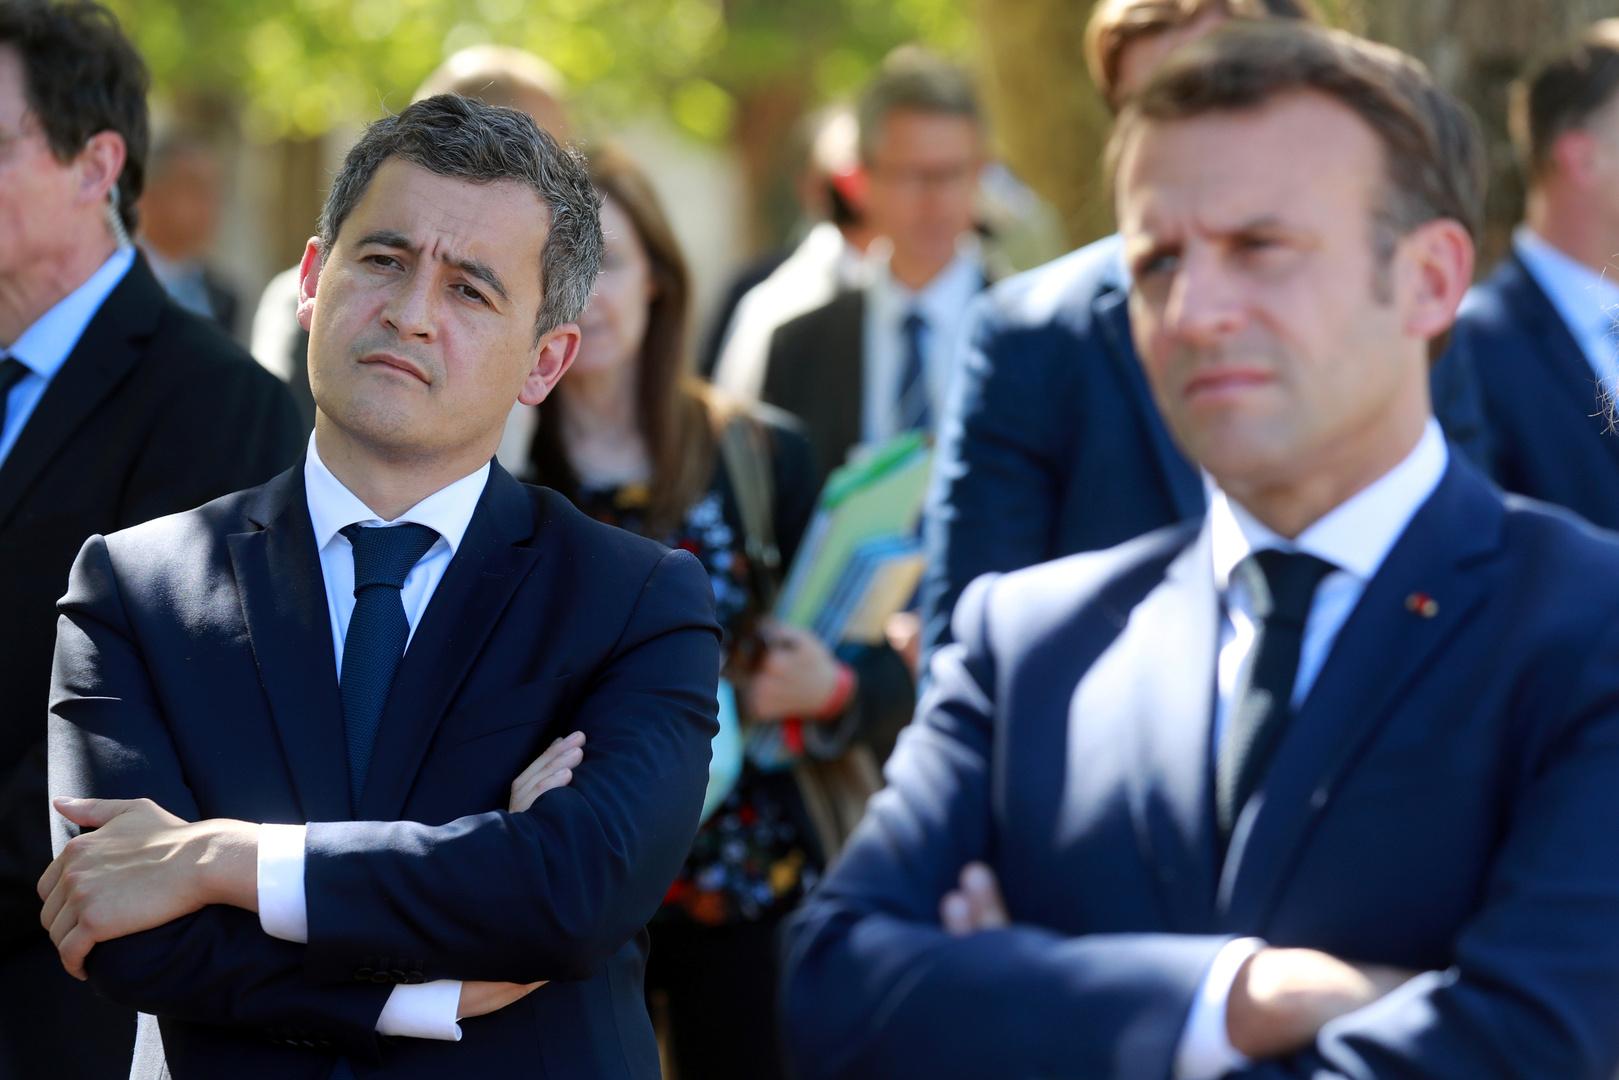 وزير الداخلية الفرنسي: تصريحات أردوغان تجاوزت الحدود